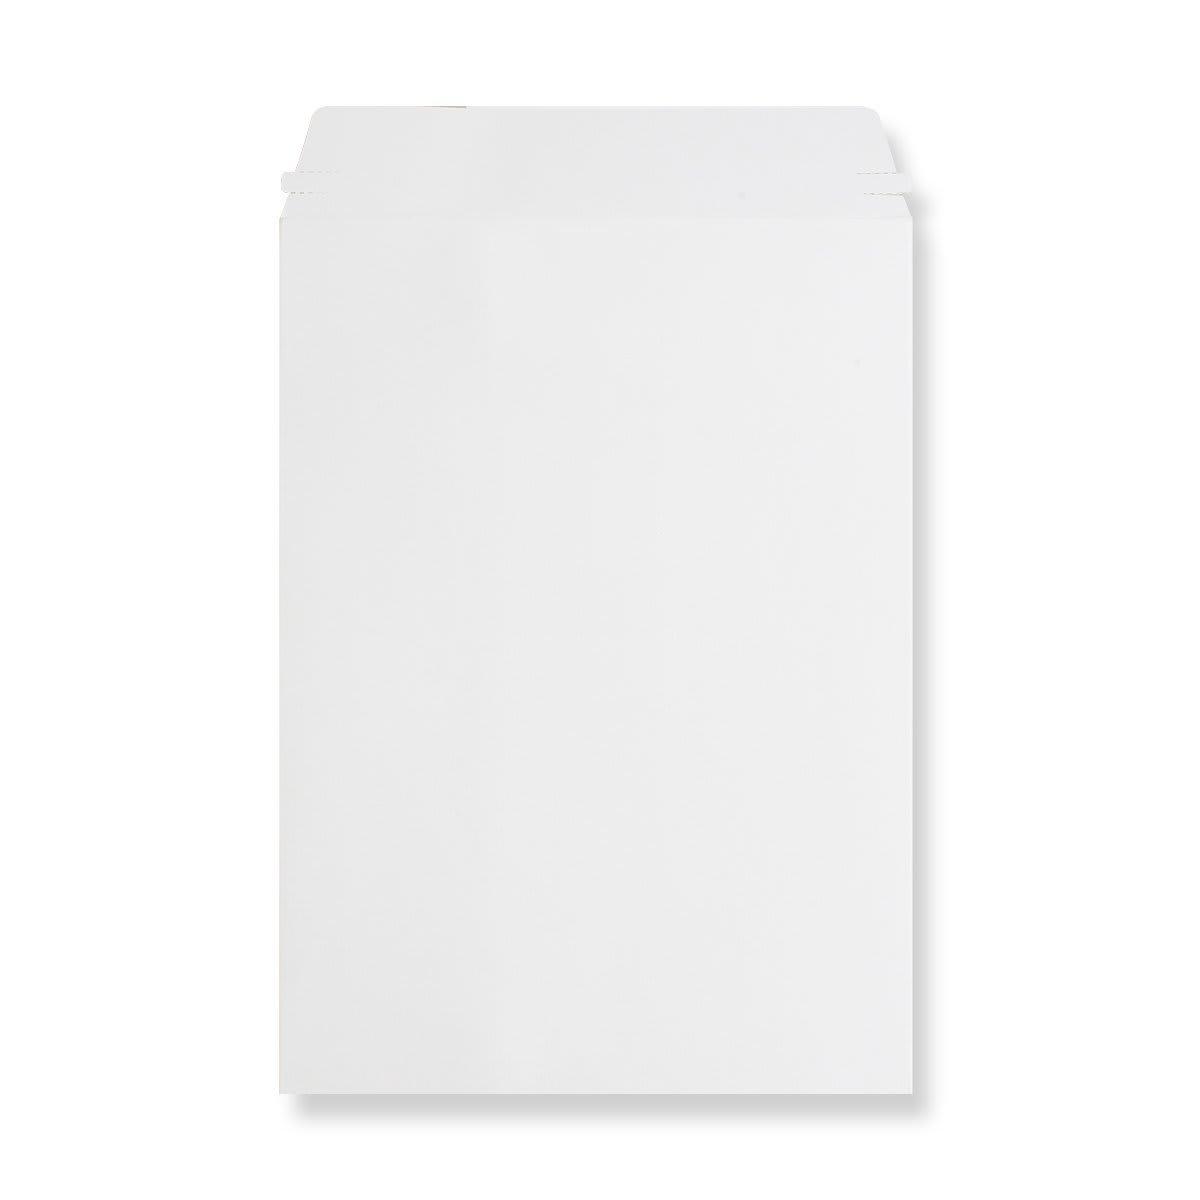 C4 WHITE ALL-BOARD ENVELOPES 350GSM